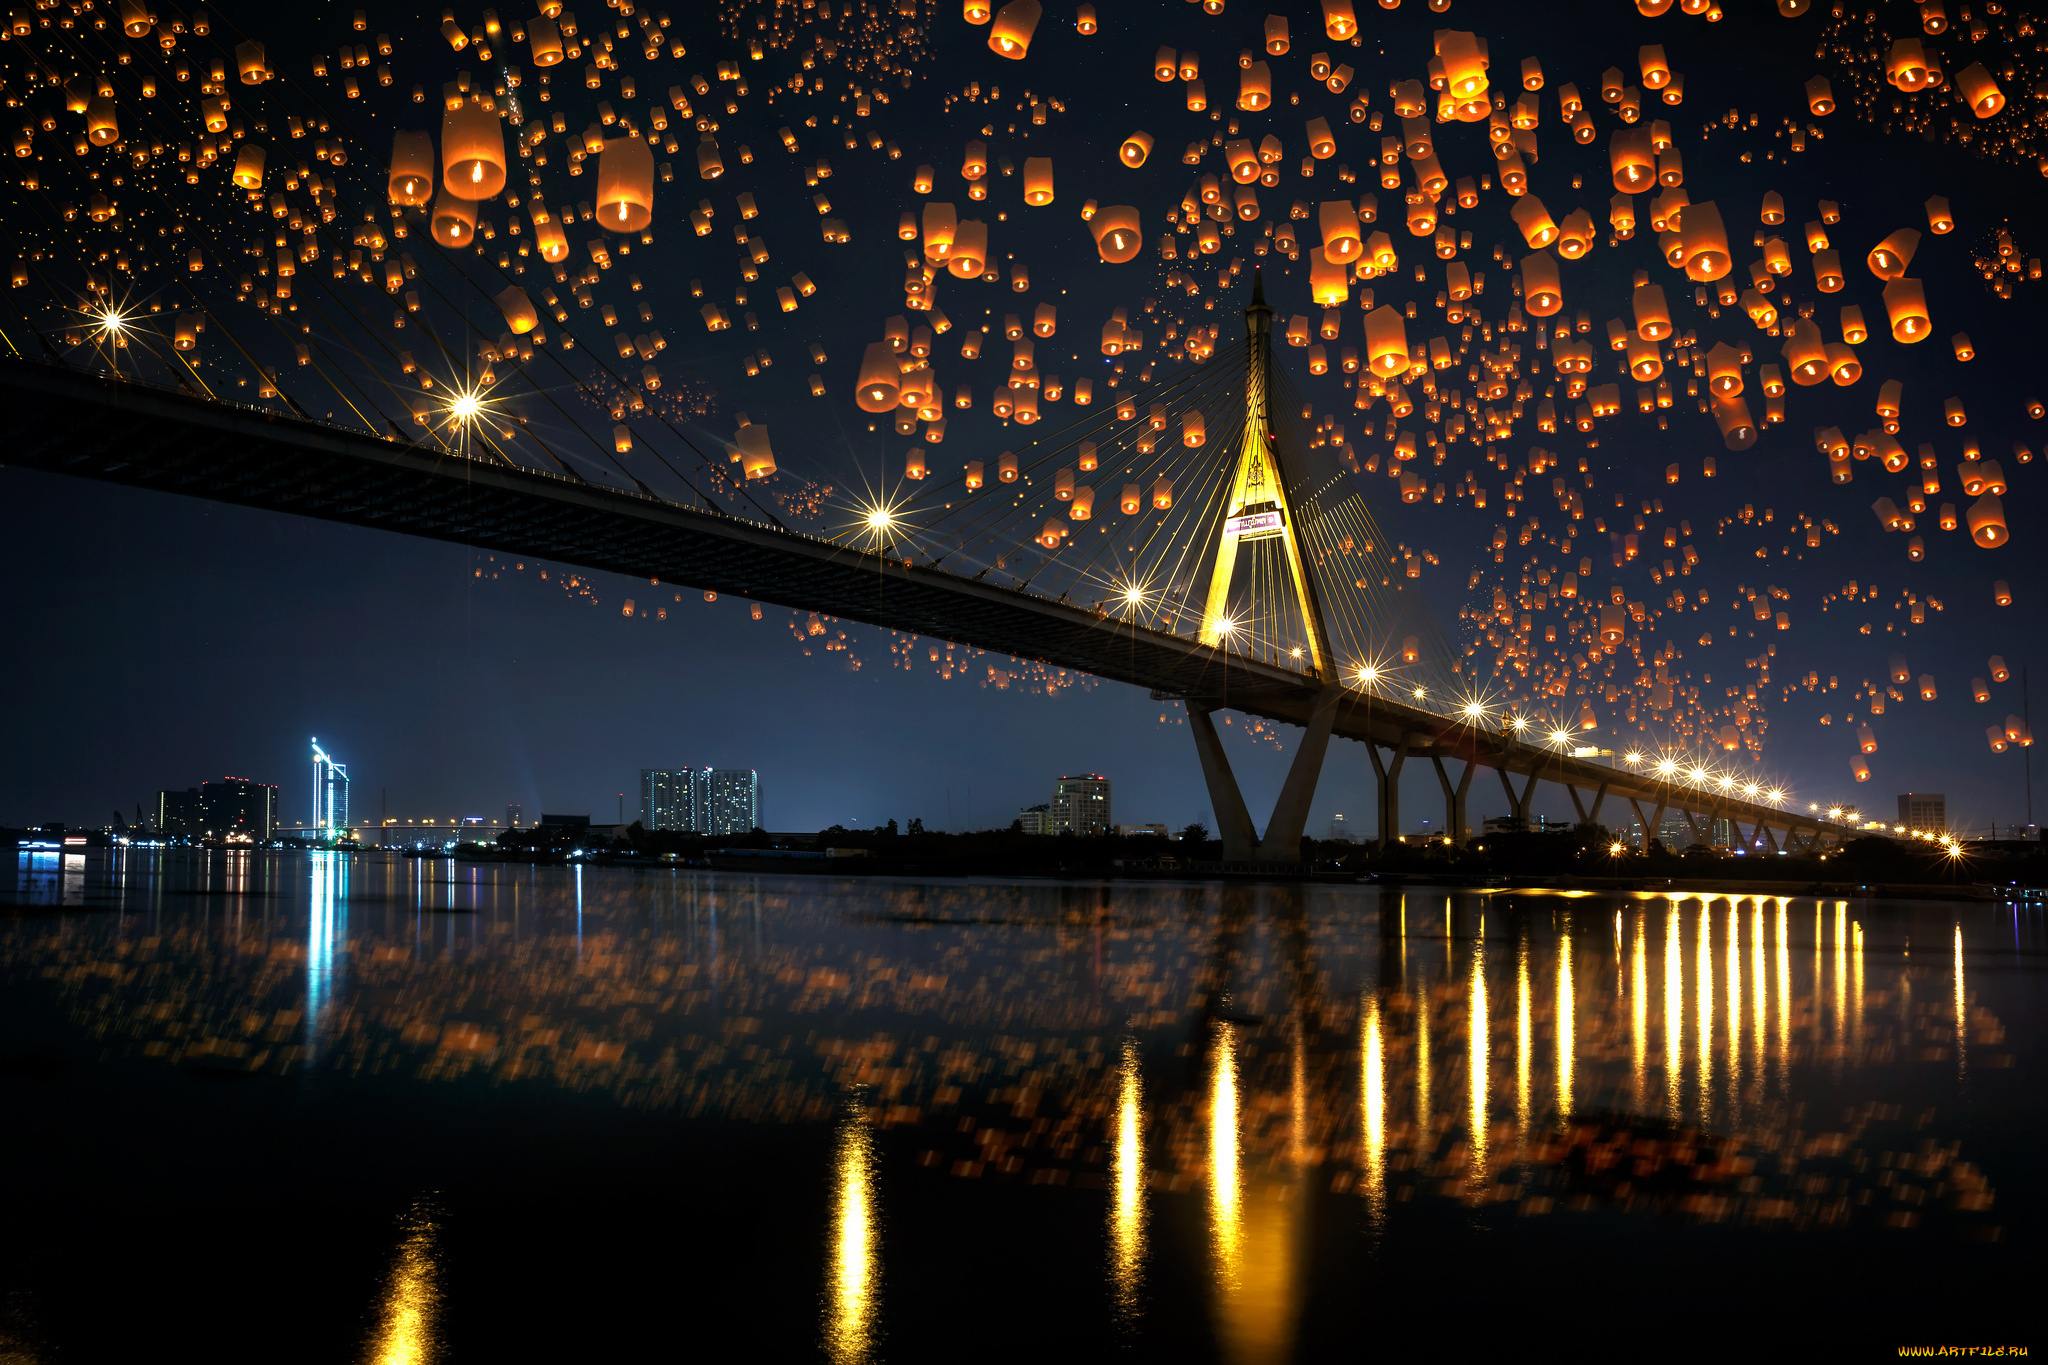 Мост с фонарями бесплатно